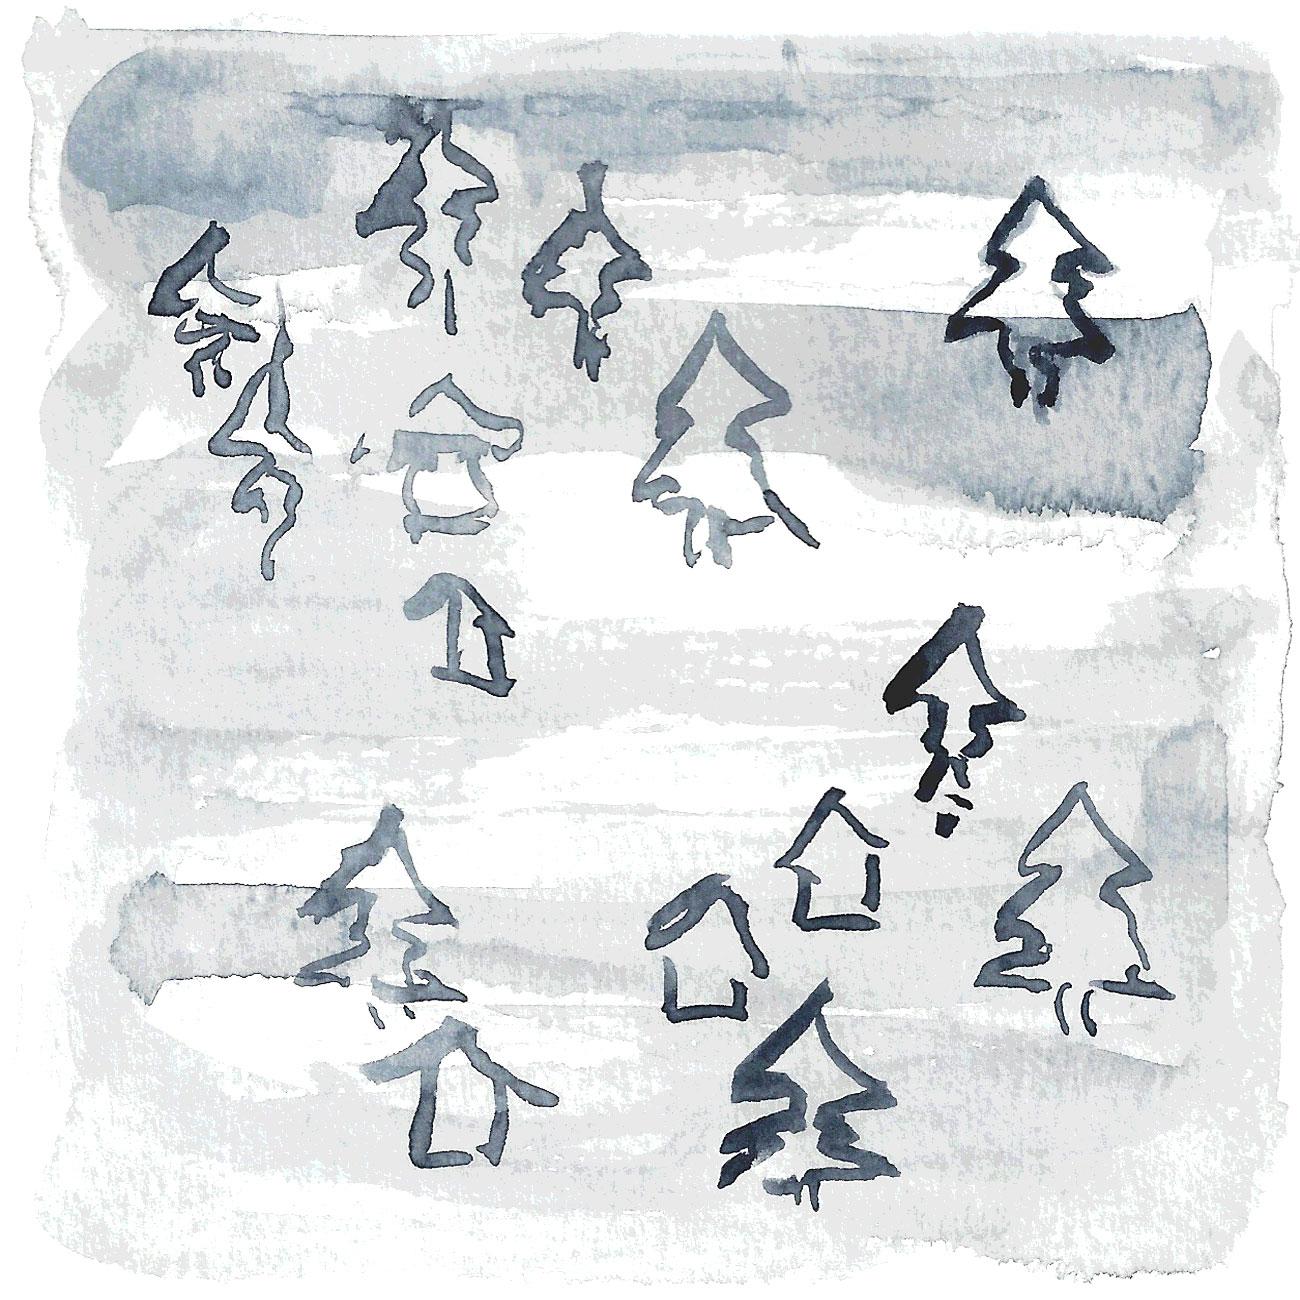 10 dicembre:  Nebbia che tutto avvolge e accarezza, che ammorbidisce i tratti, le luci, i problemi e la vita. Nebbia che sa di cuoio e ginepro, che pizzica il naso e arruffa i capelli. Nebbia che ascolta e si lascia ascoltare. Nebbia che appare non per far scomparire ma per sottolineare ciò che, una volta dissolta, torna...